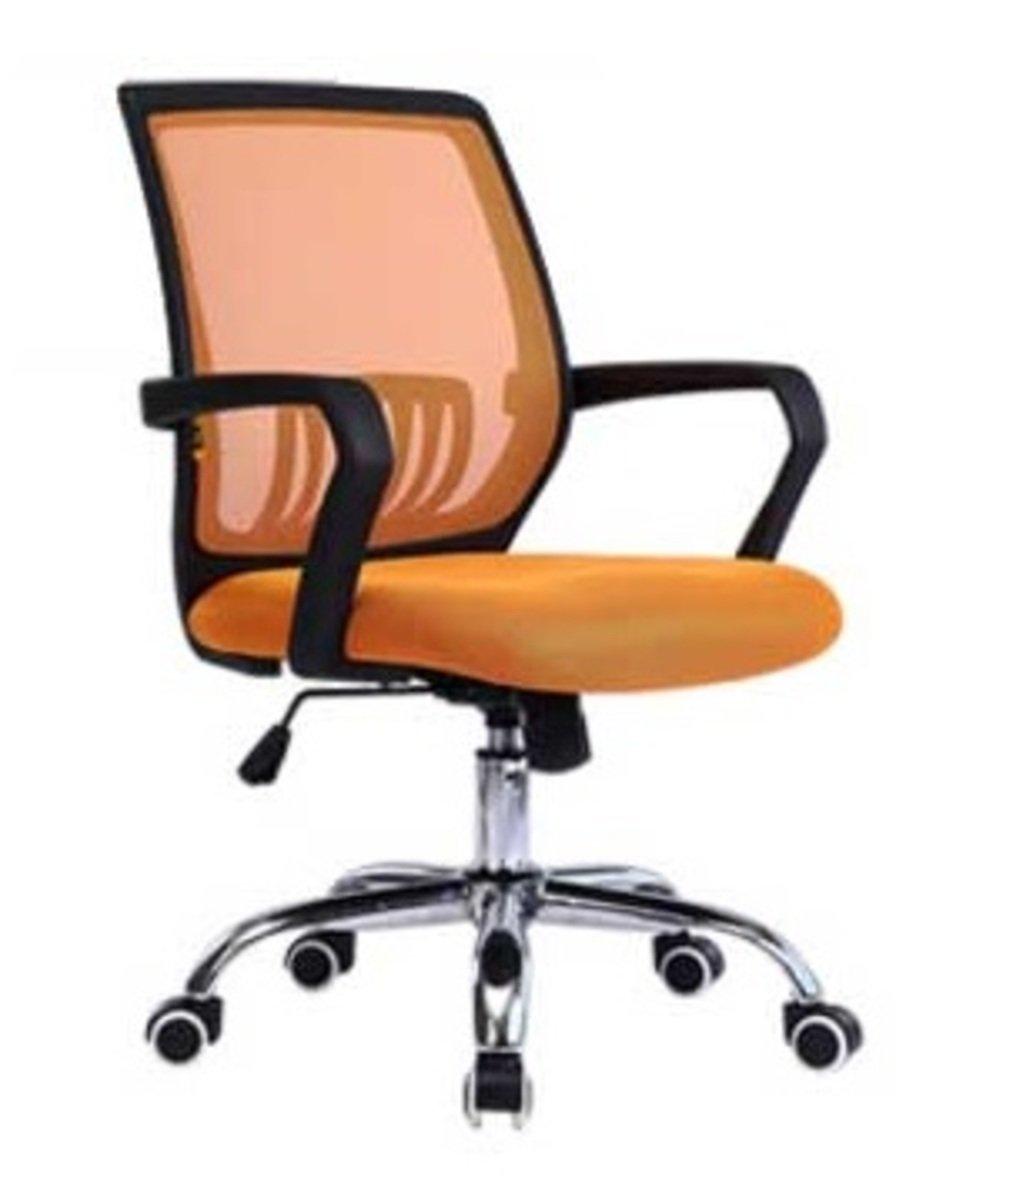 人體工學辦公椅-黑框(橘黃色)